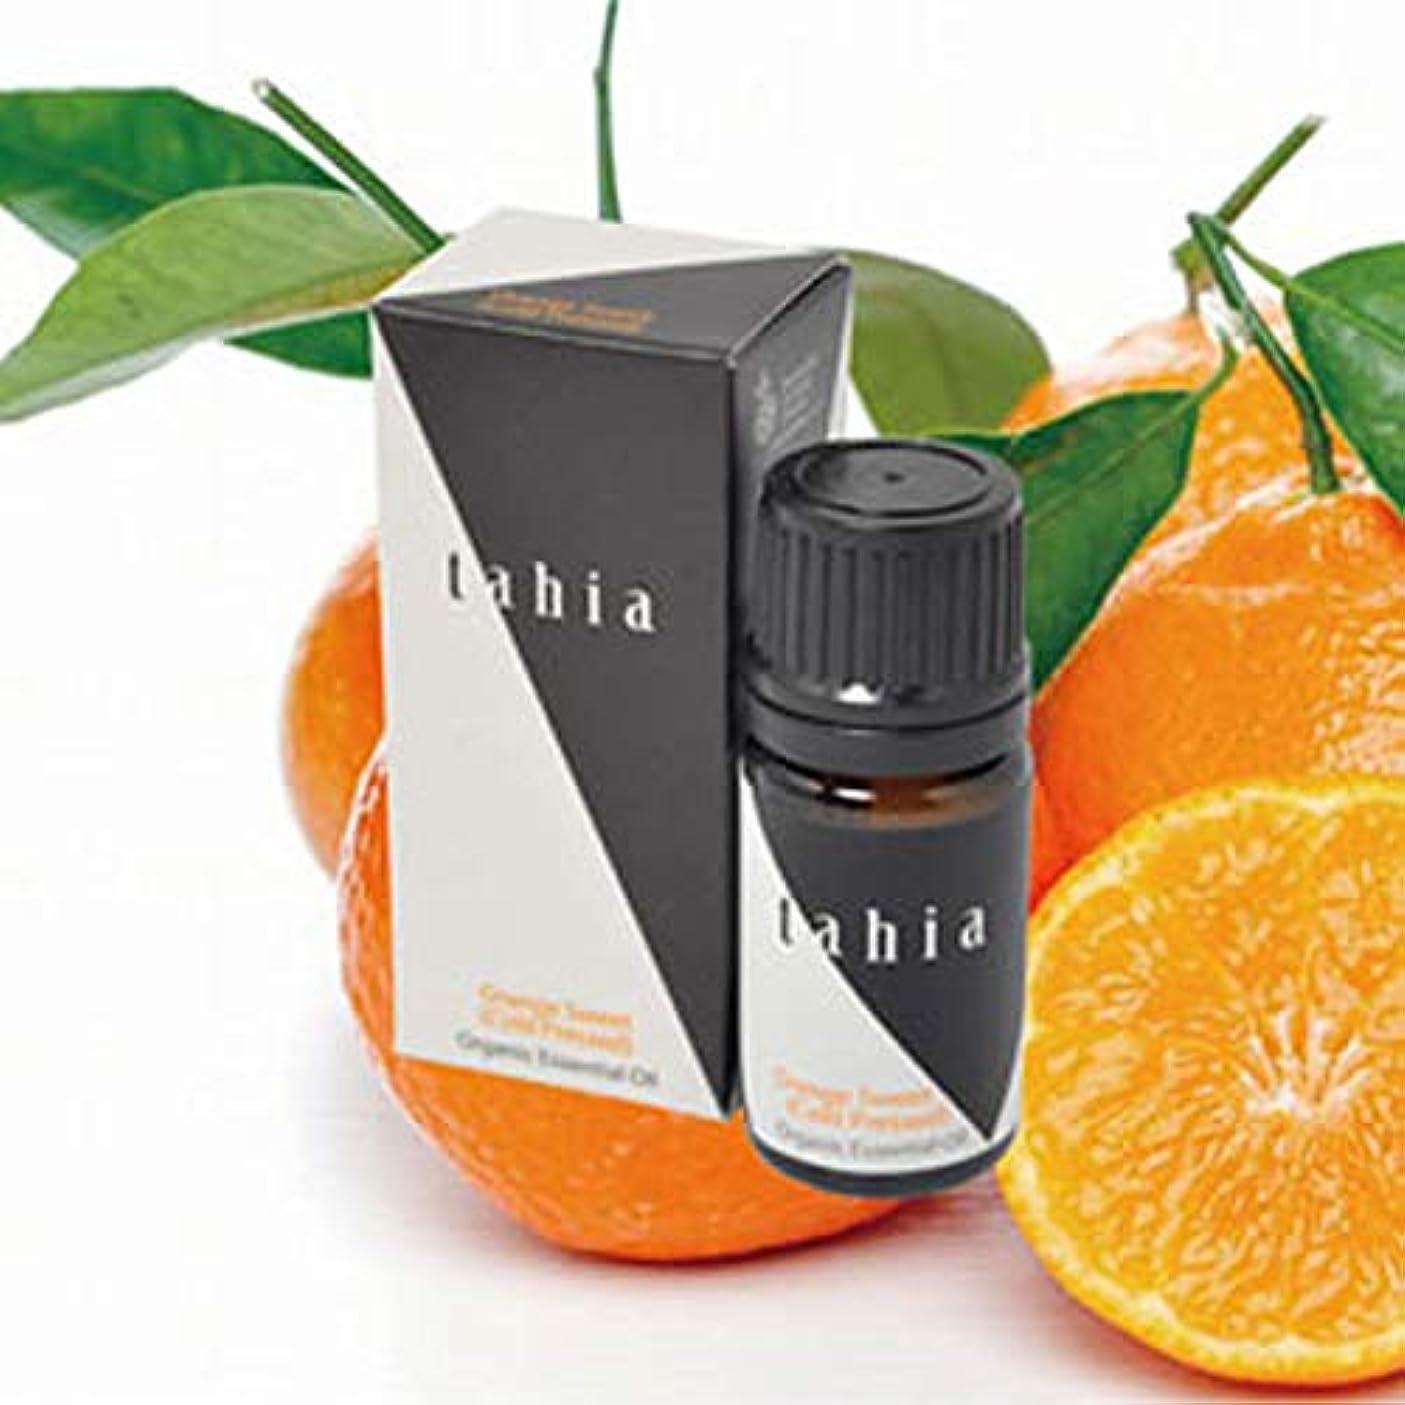 原因事故ストラップタツフト タヒア tahia オレンジ スイート エッセンシャルオイル オーガニック 芳香 精油